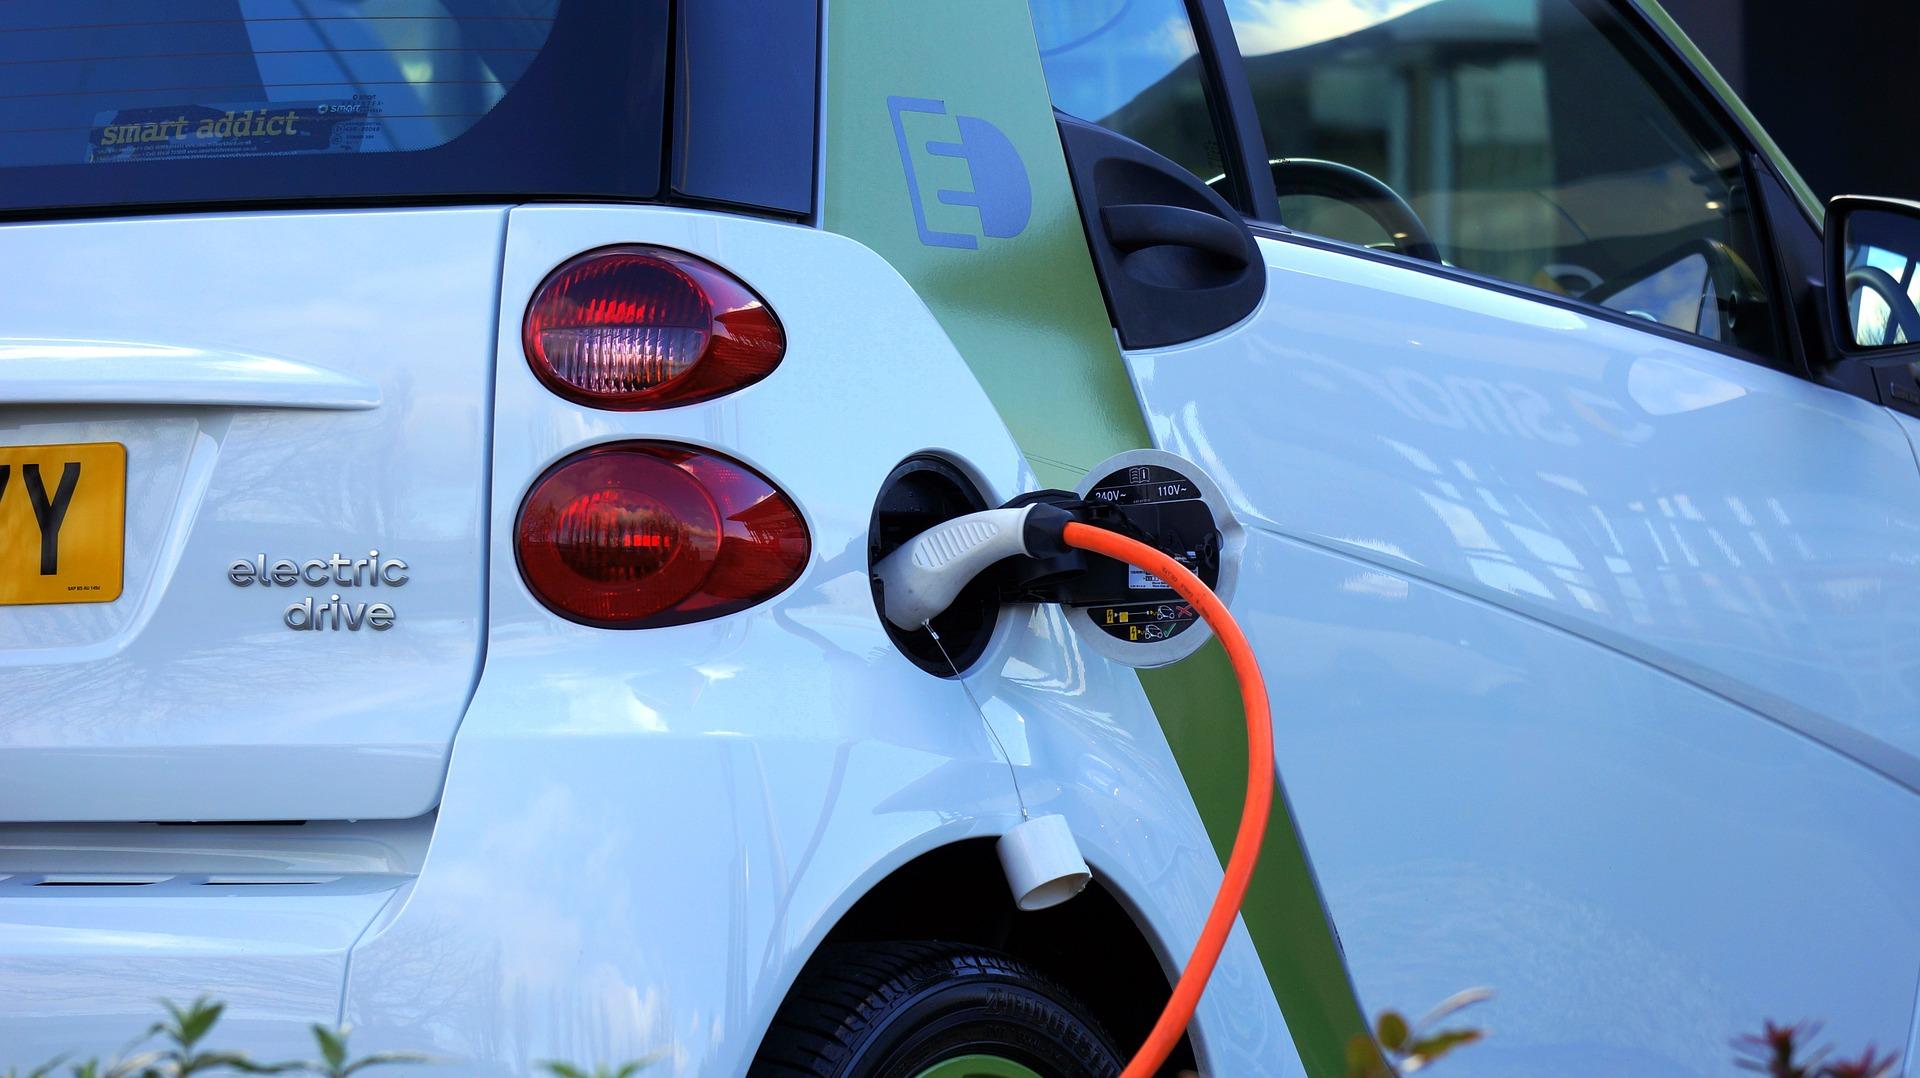 Elektrische auto, elektrische auto's